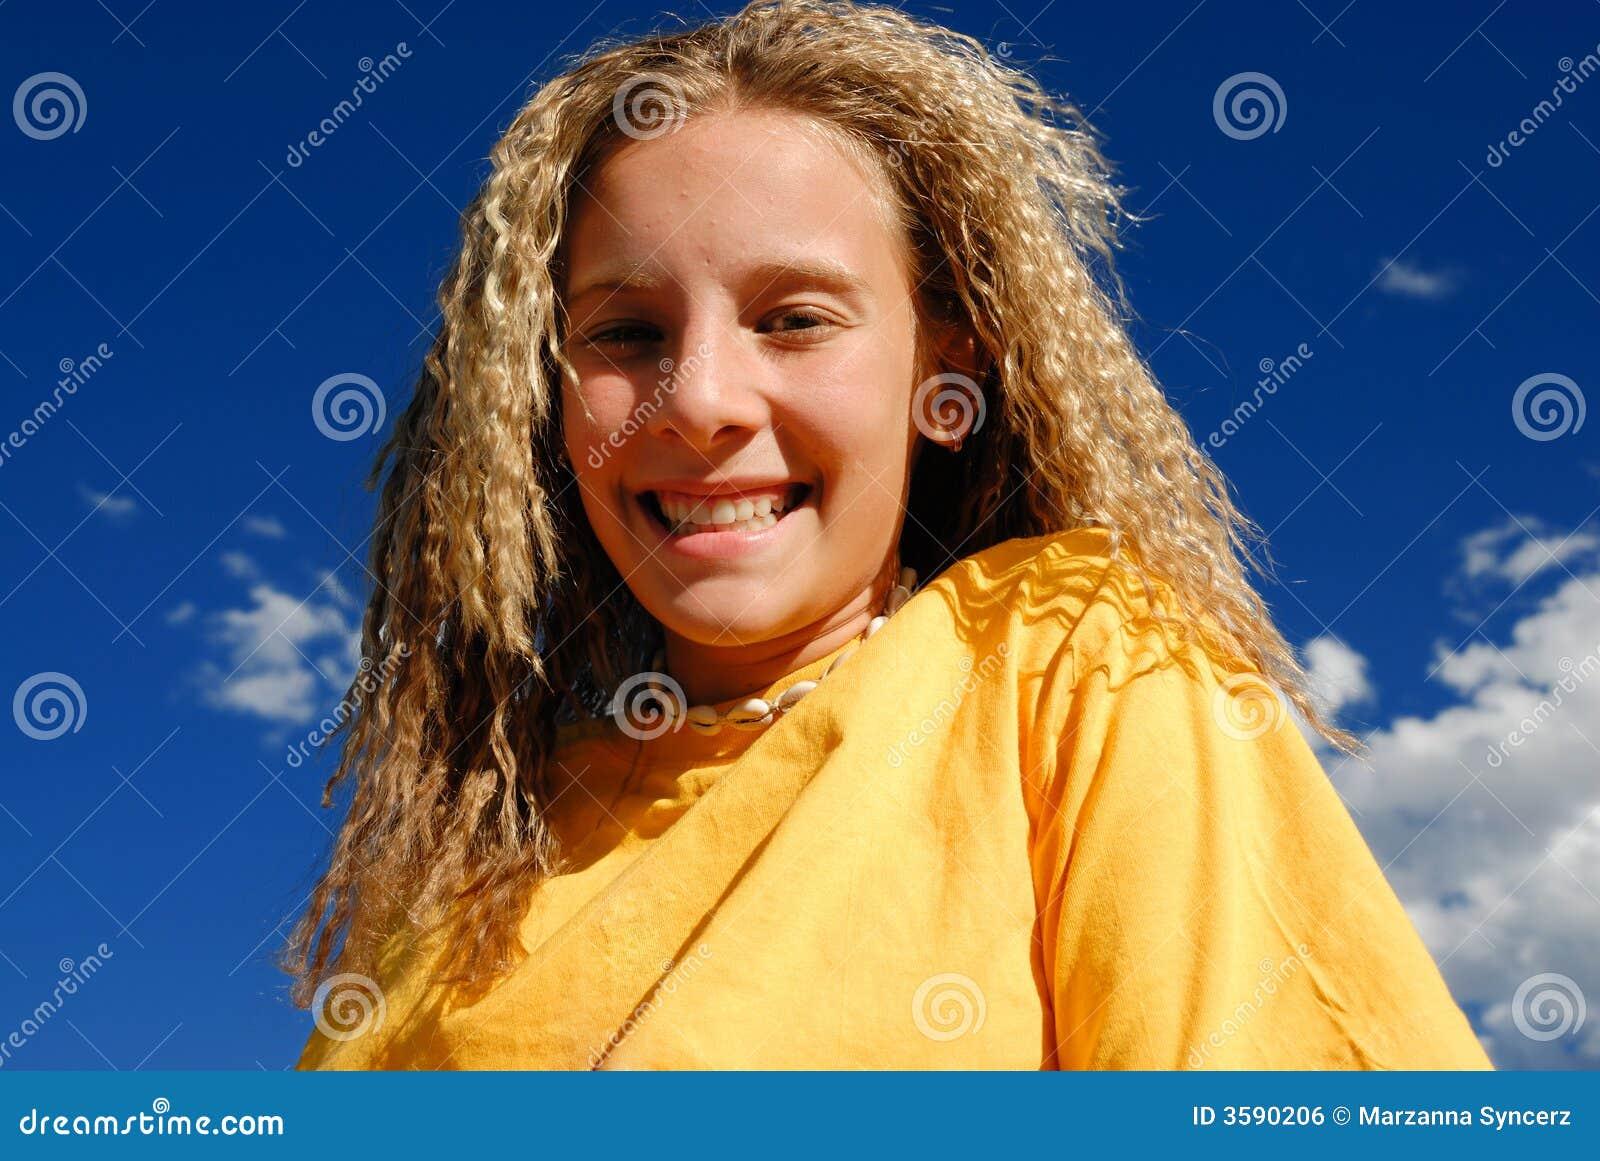 起皱的女孩头发微笑